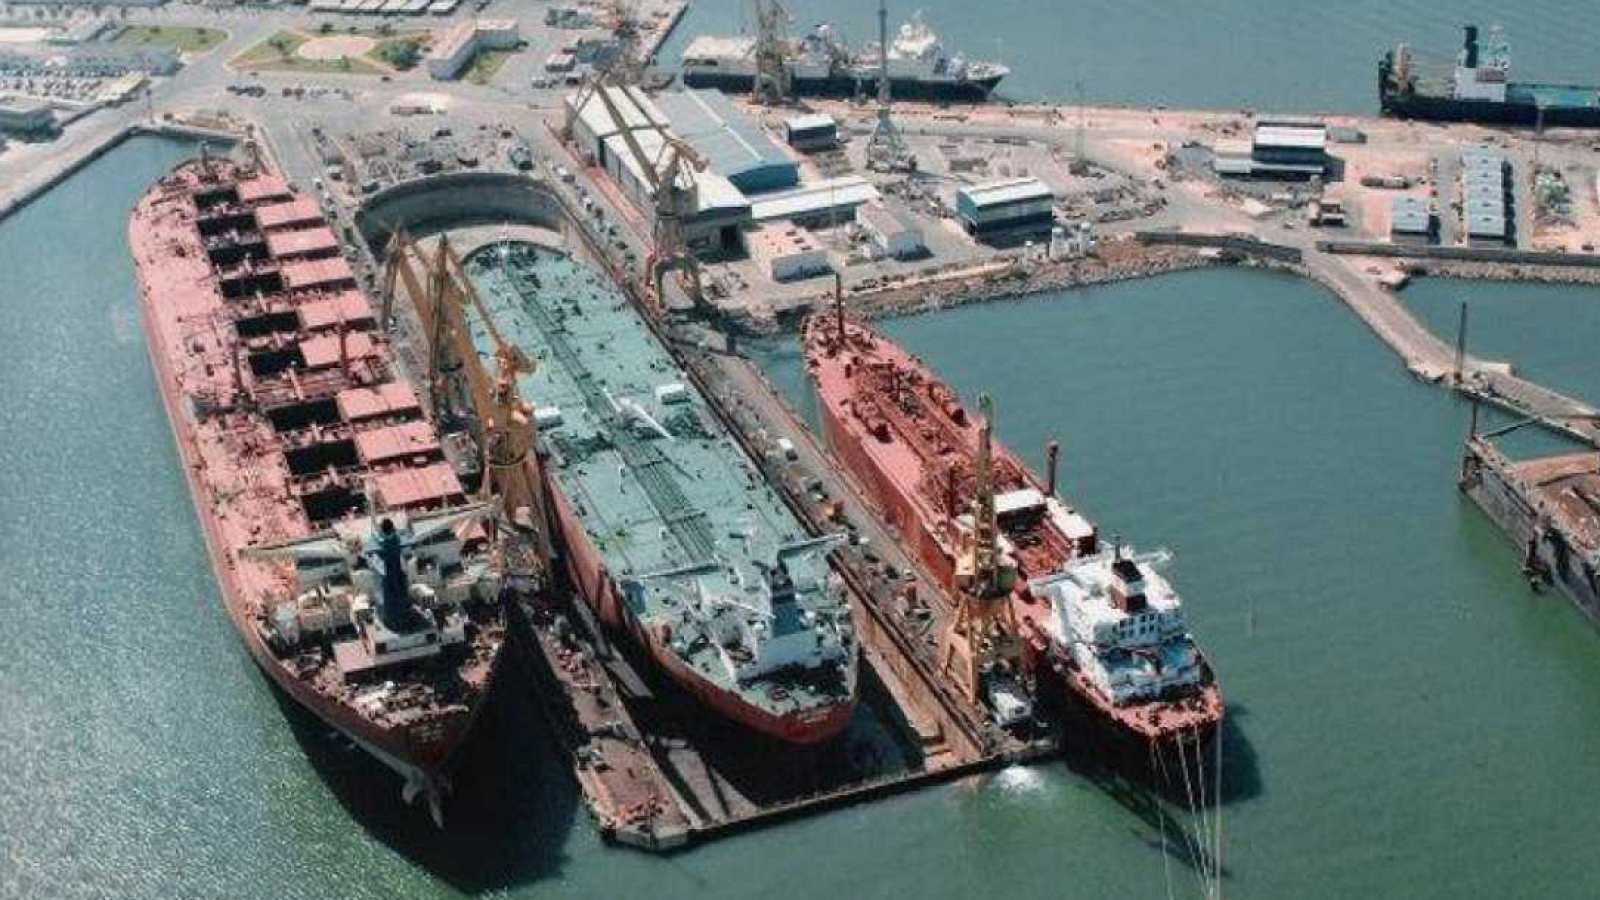 Españoles en la mar - Acuerdo entre Navantia y los sindicatos - 10/09/15 - Escuchar ahora